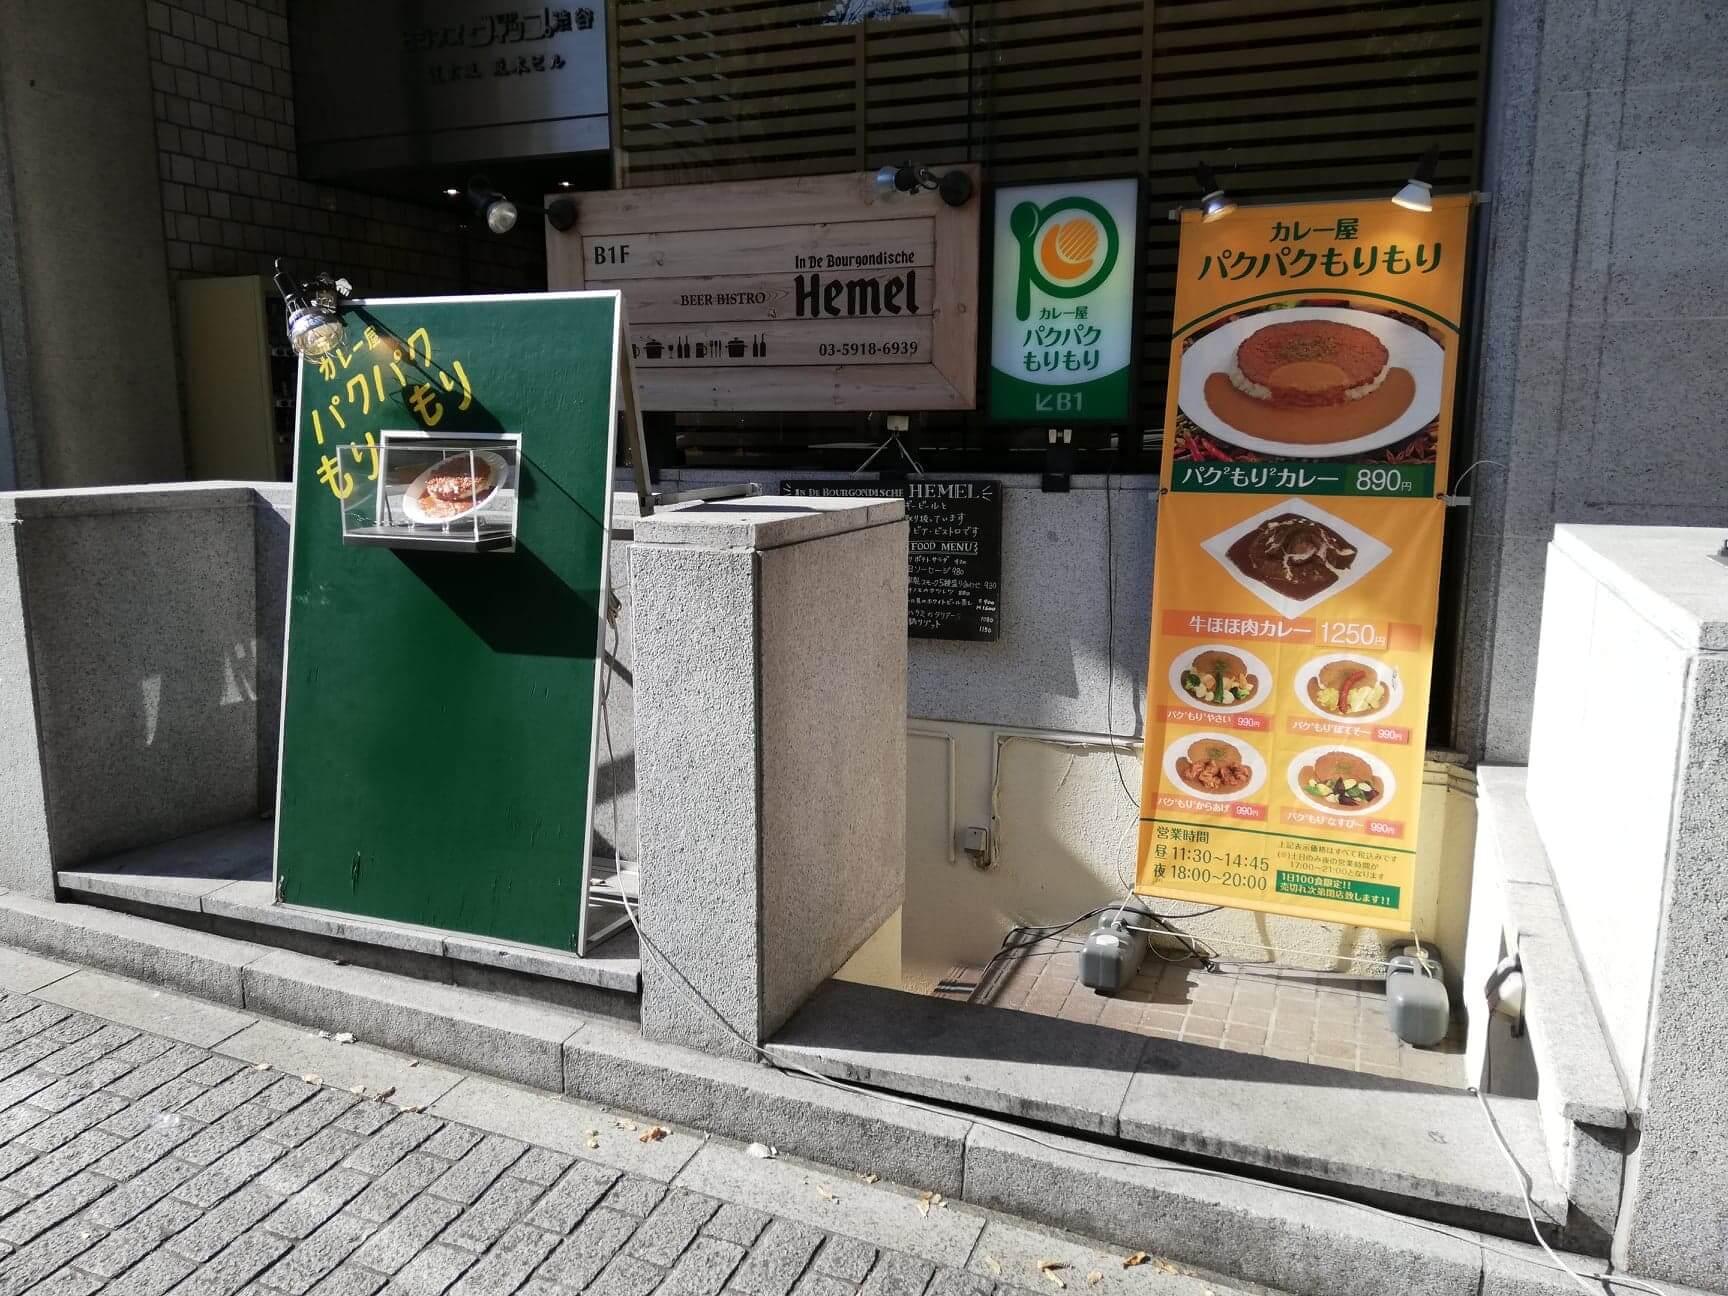 渋谷(神泉)『カレー屋パクパクもりもり』の外観写真